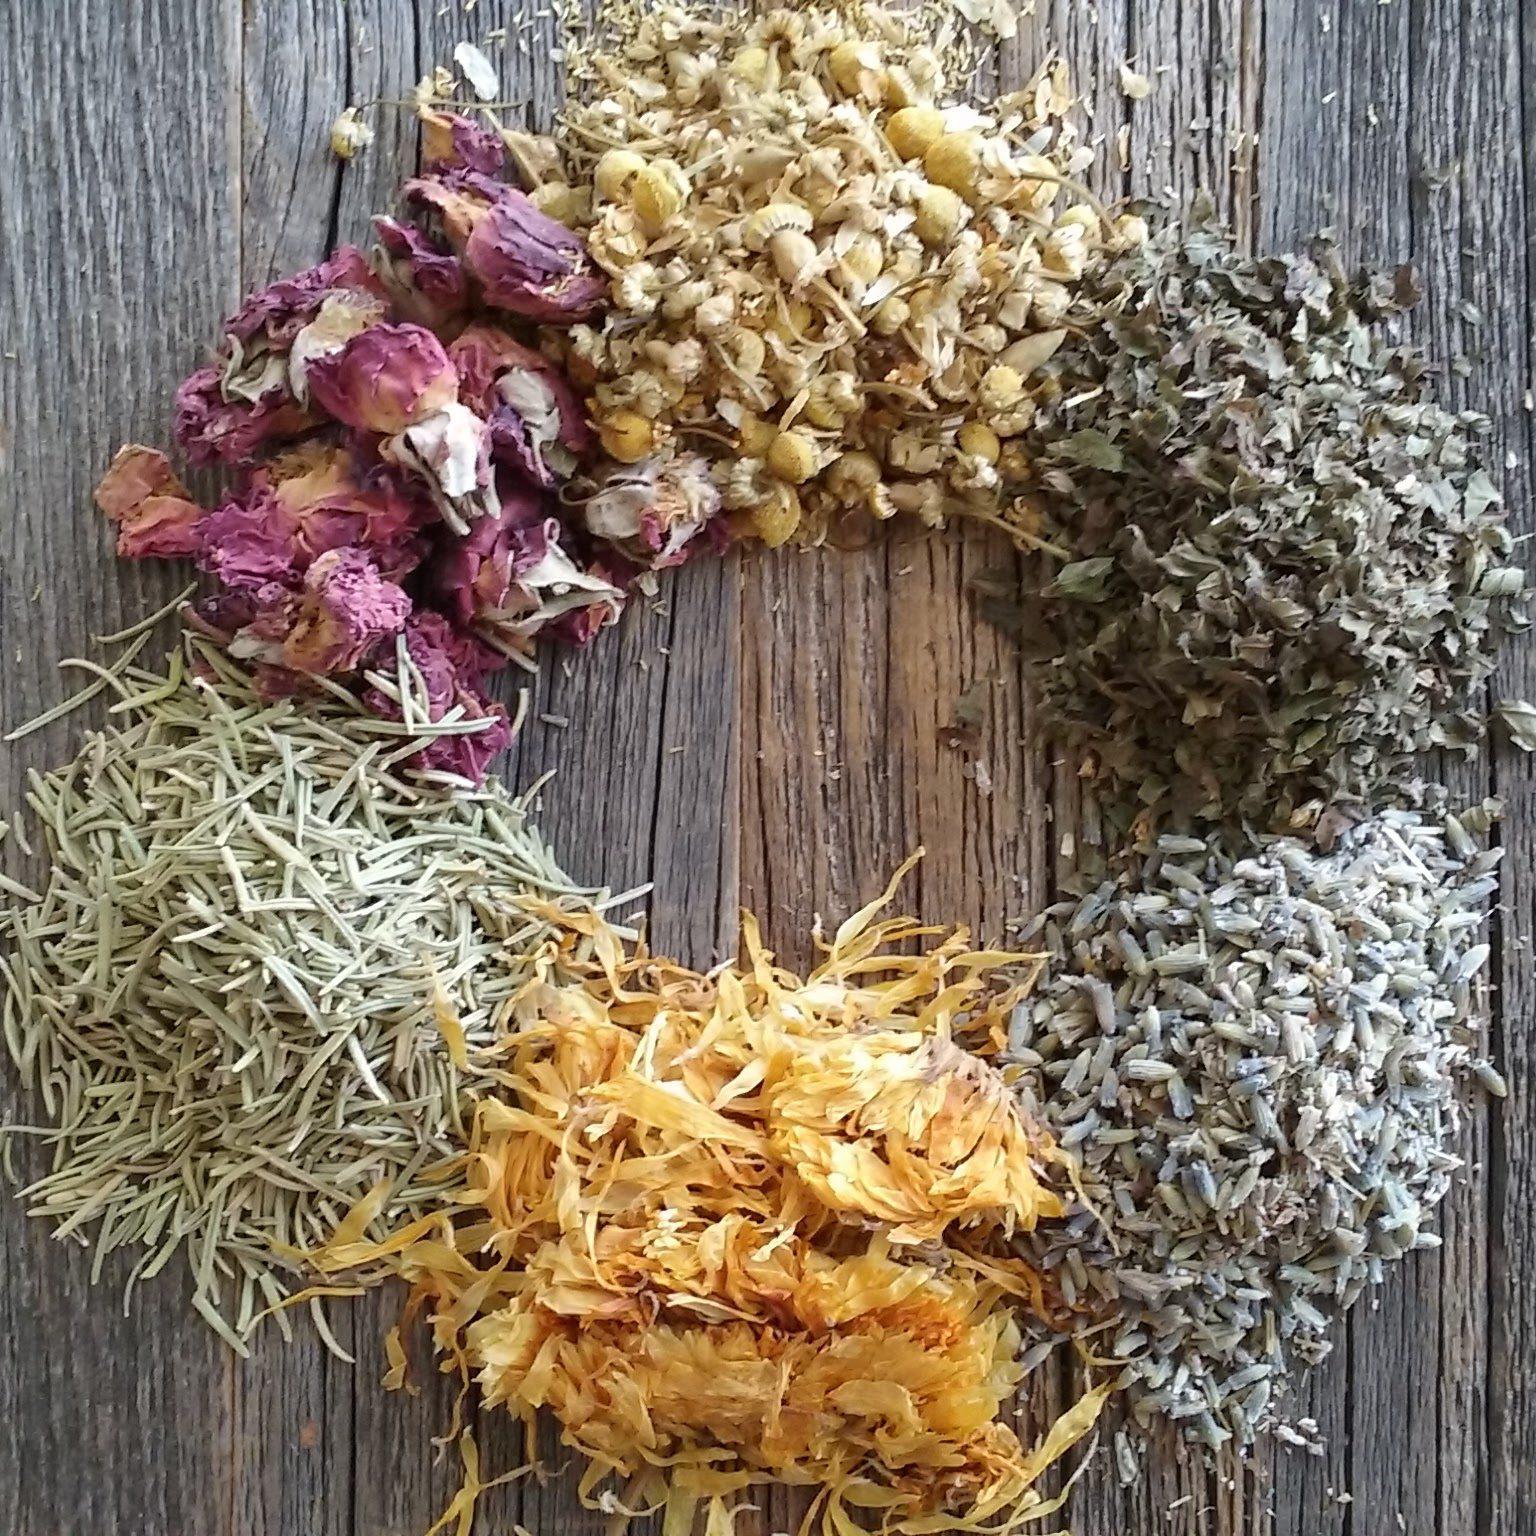 yoni-steam-herbs-e1485132862106.jpg